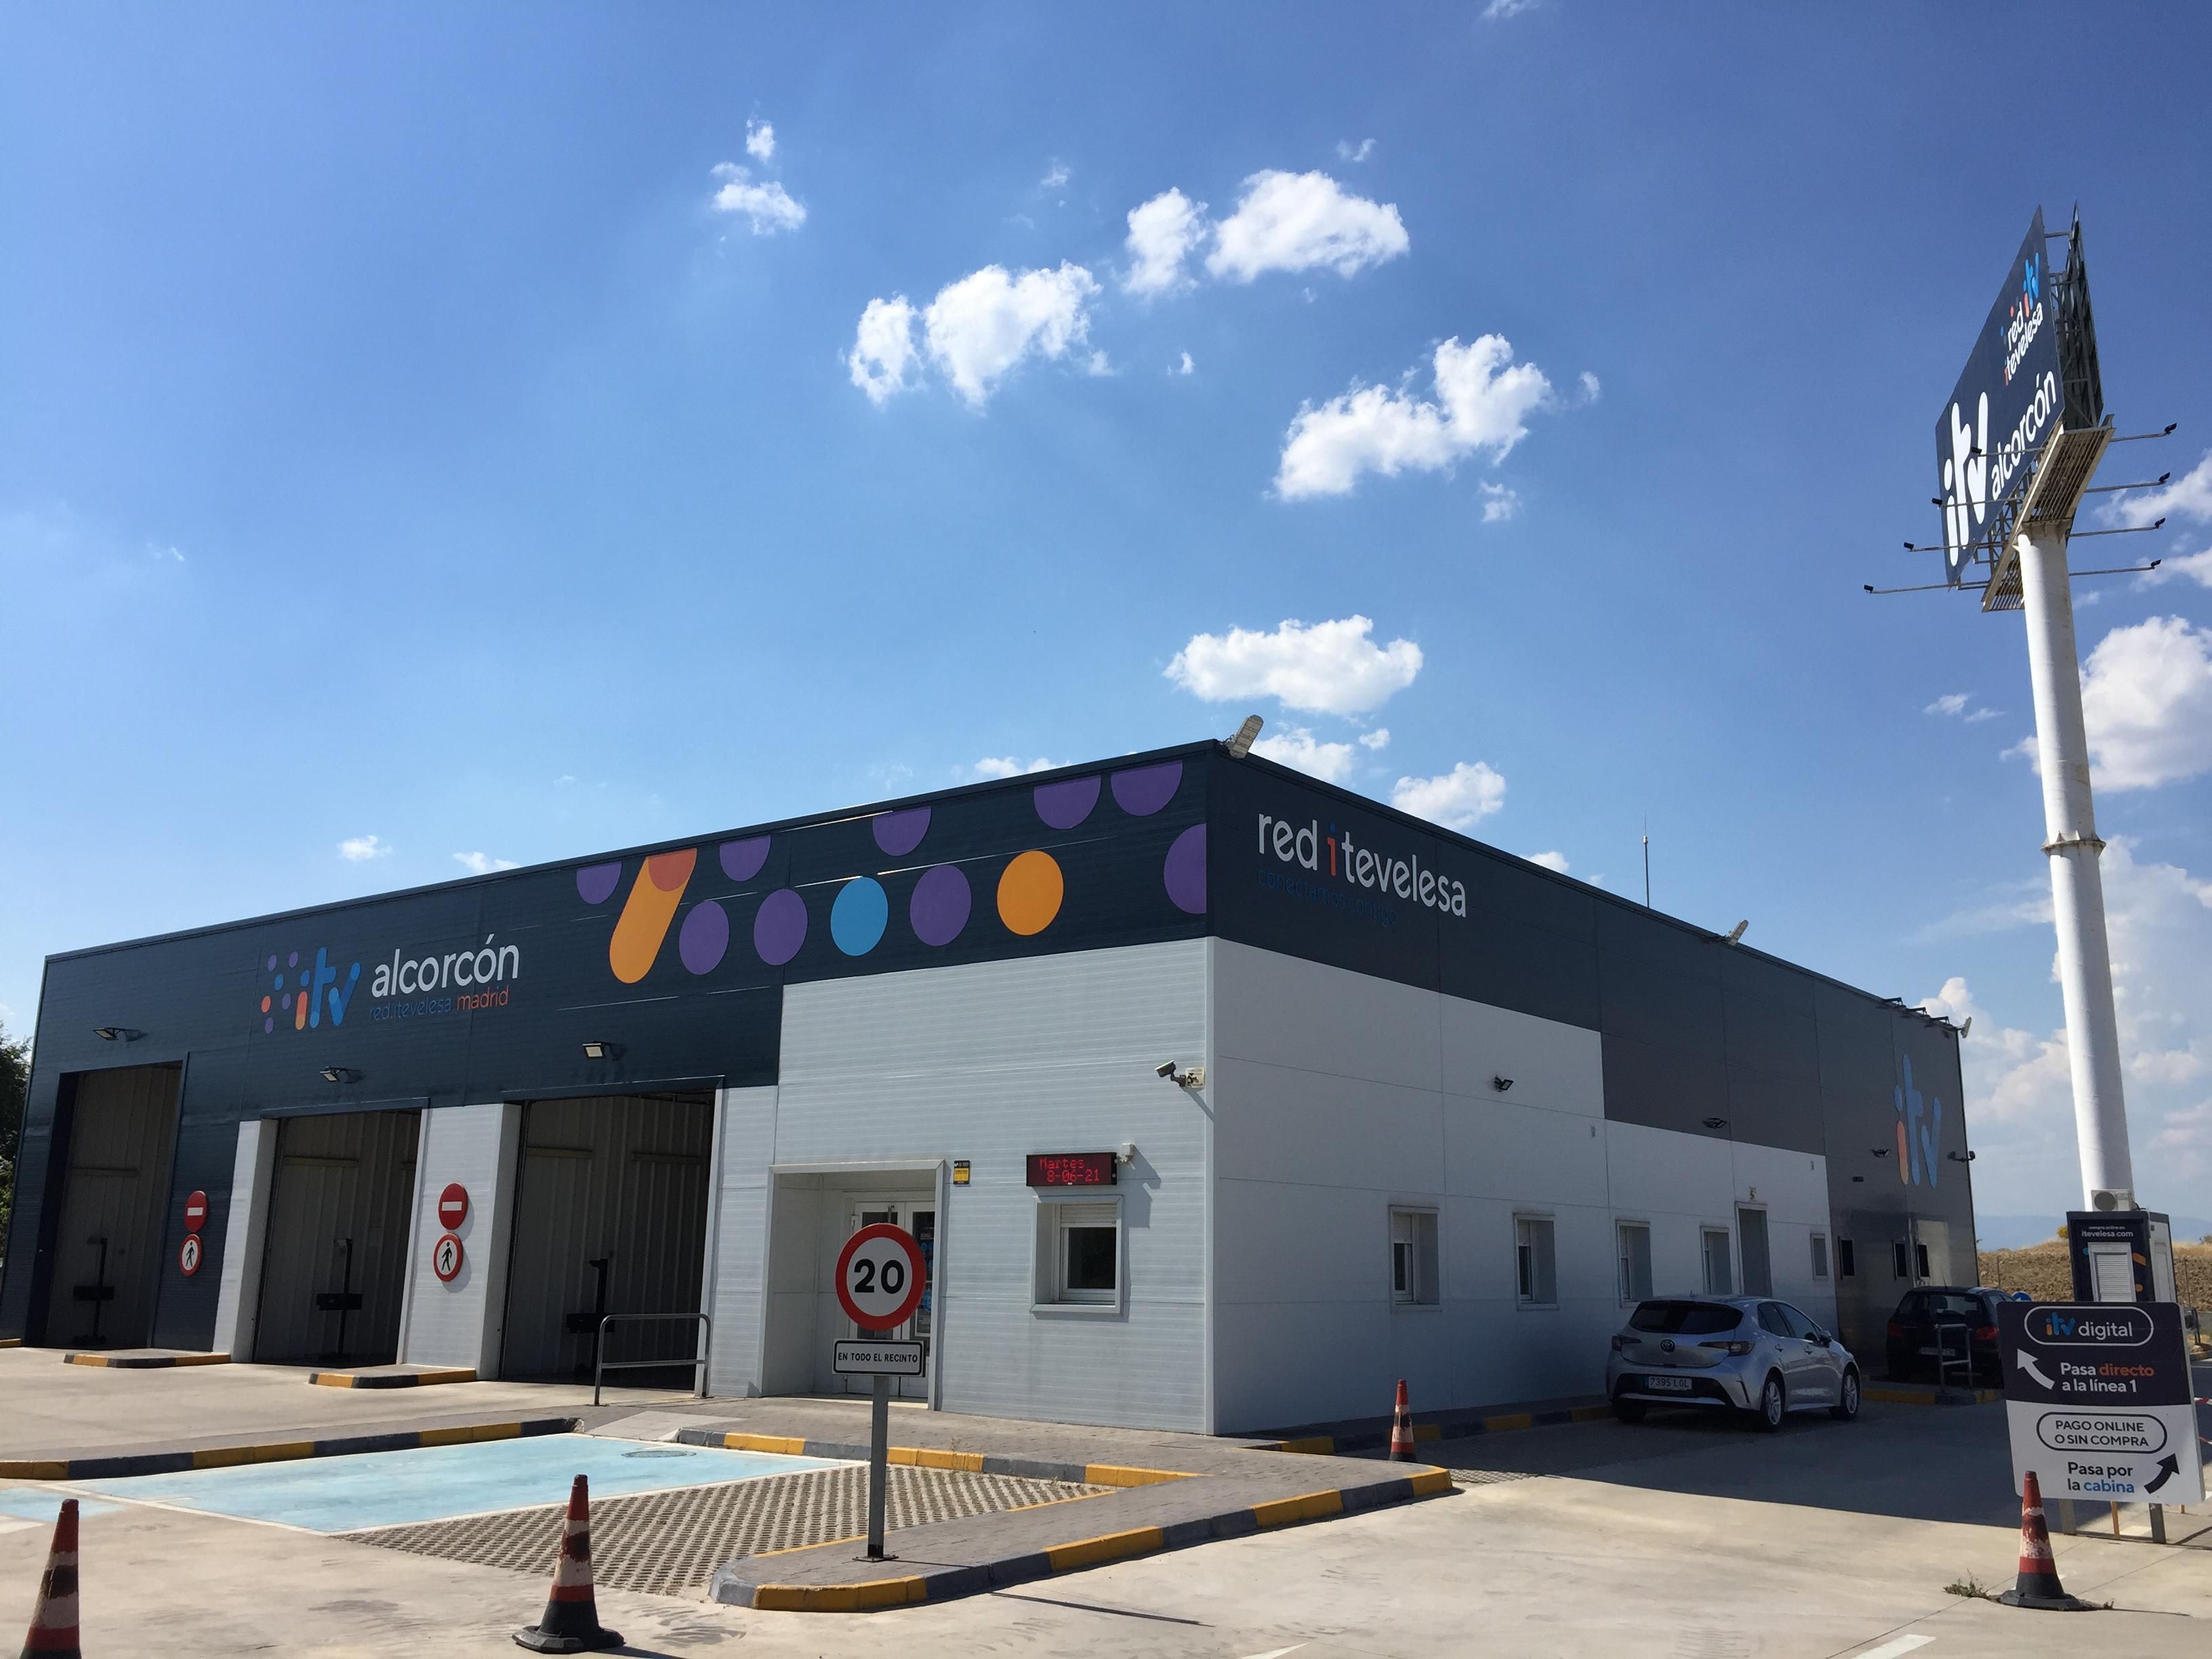 Estación ITV Alcorcón Red Itevelesa con el cielo nublado